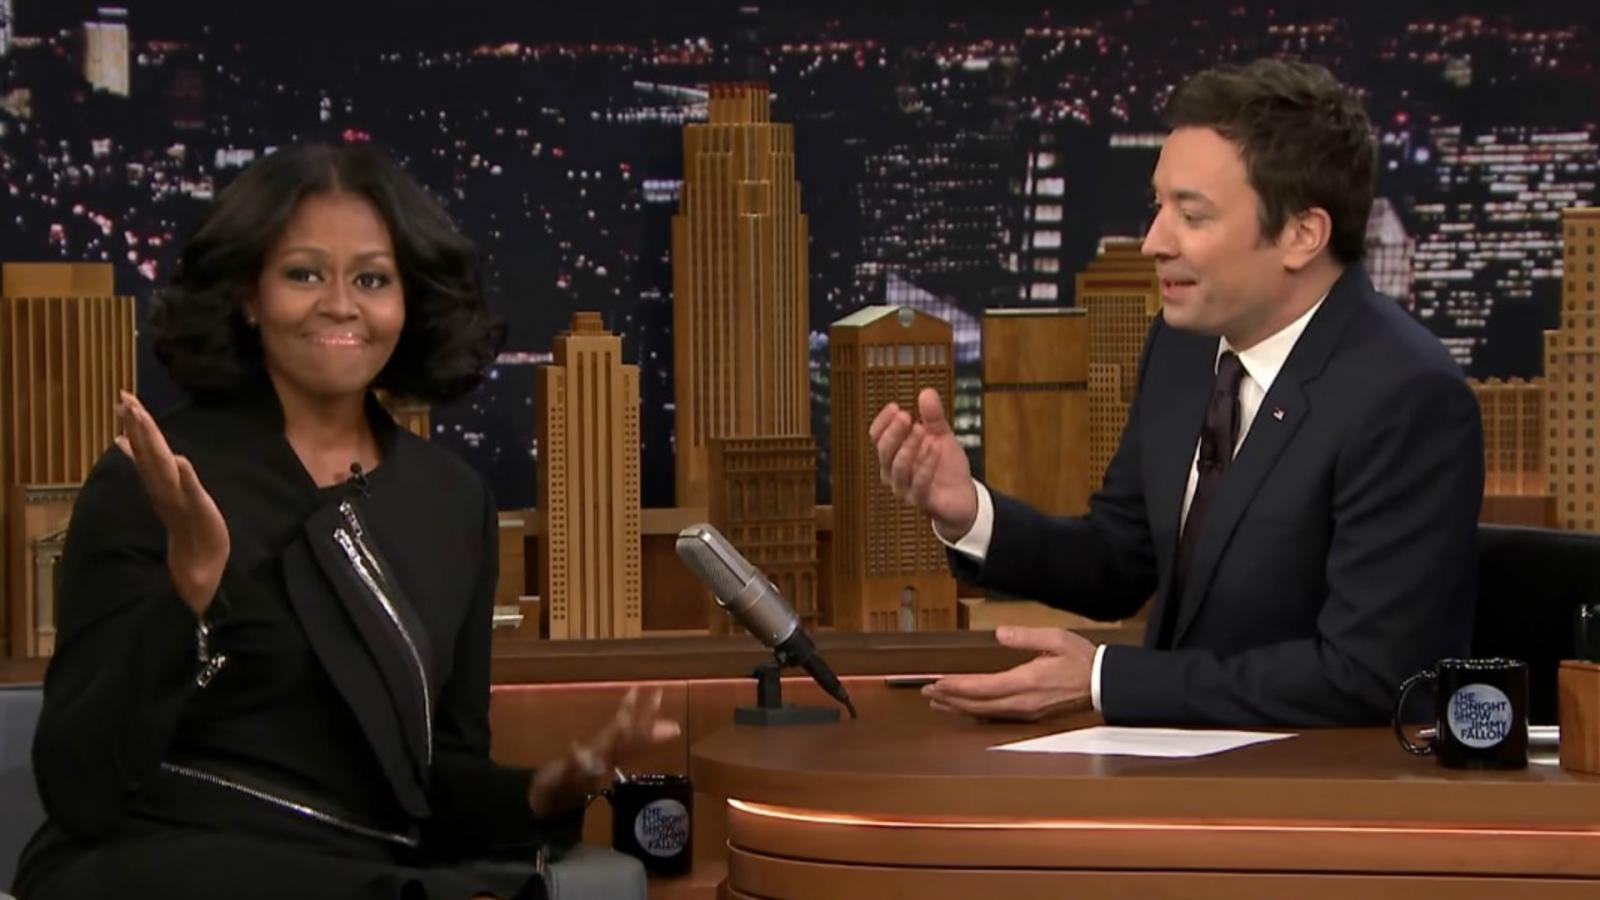 Michelle Obama on Fallon